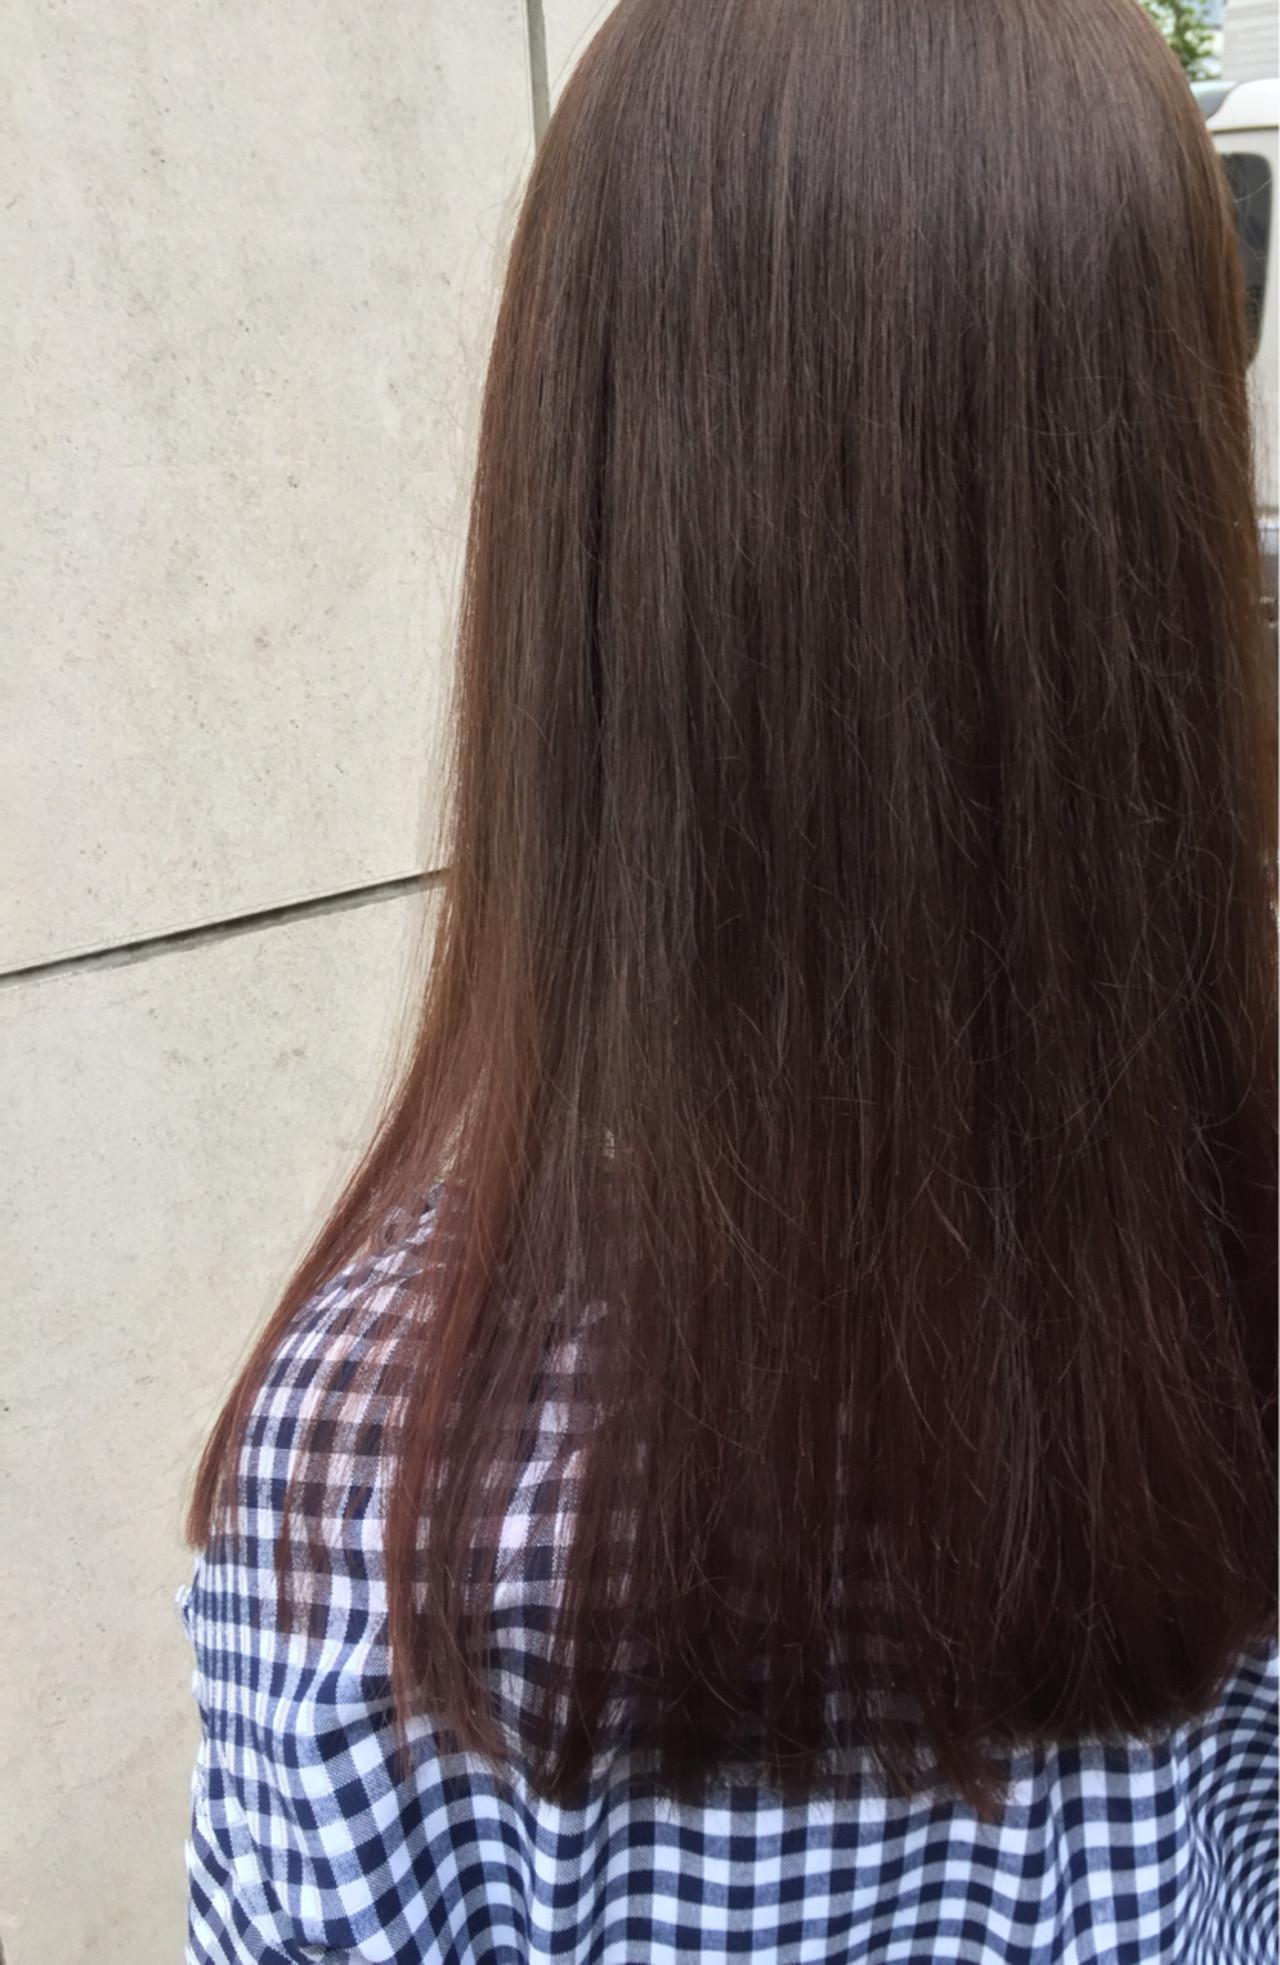 パープル バイオレットアッシュ グレー ロング ヘアスタイルや髪型の写真・画像